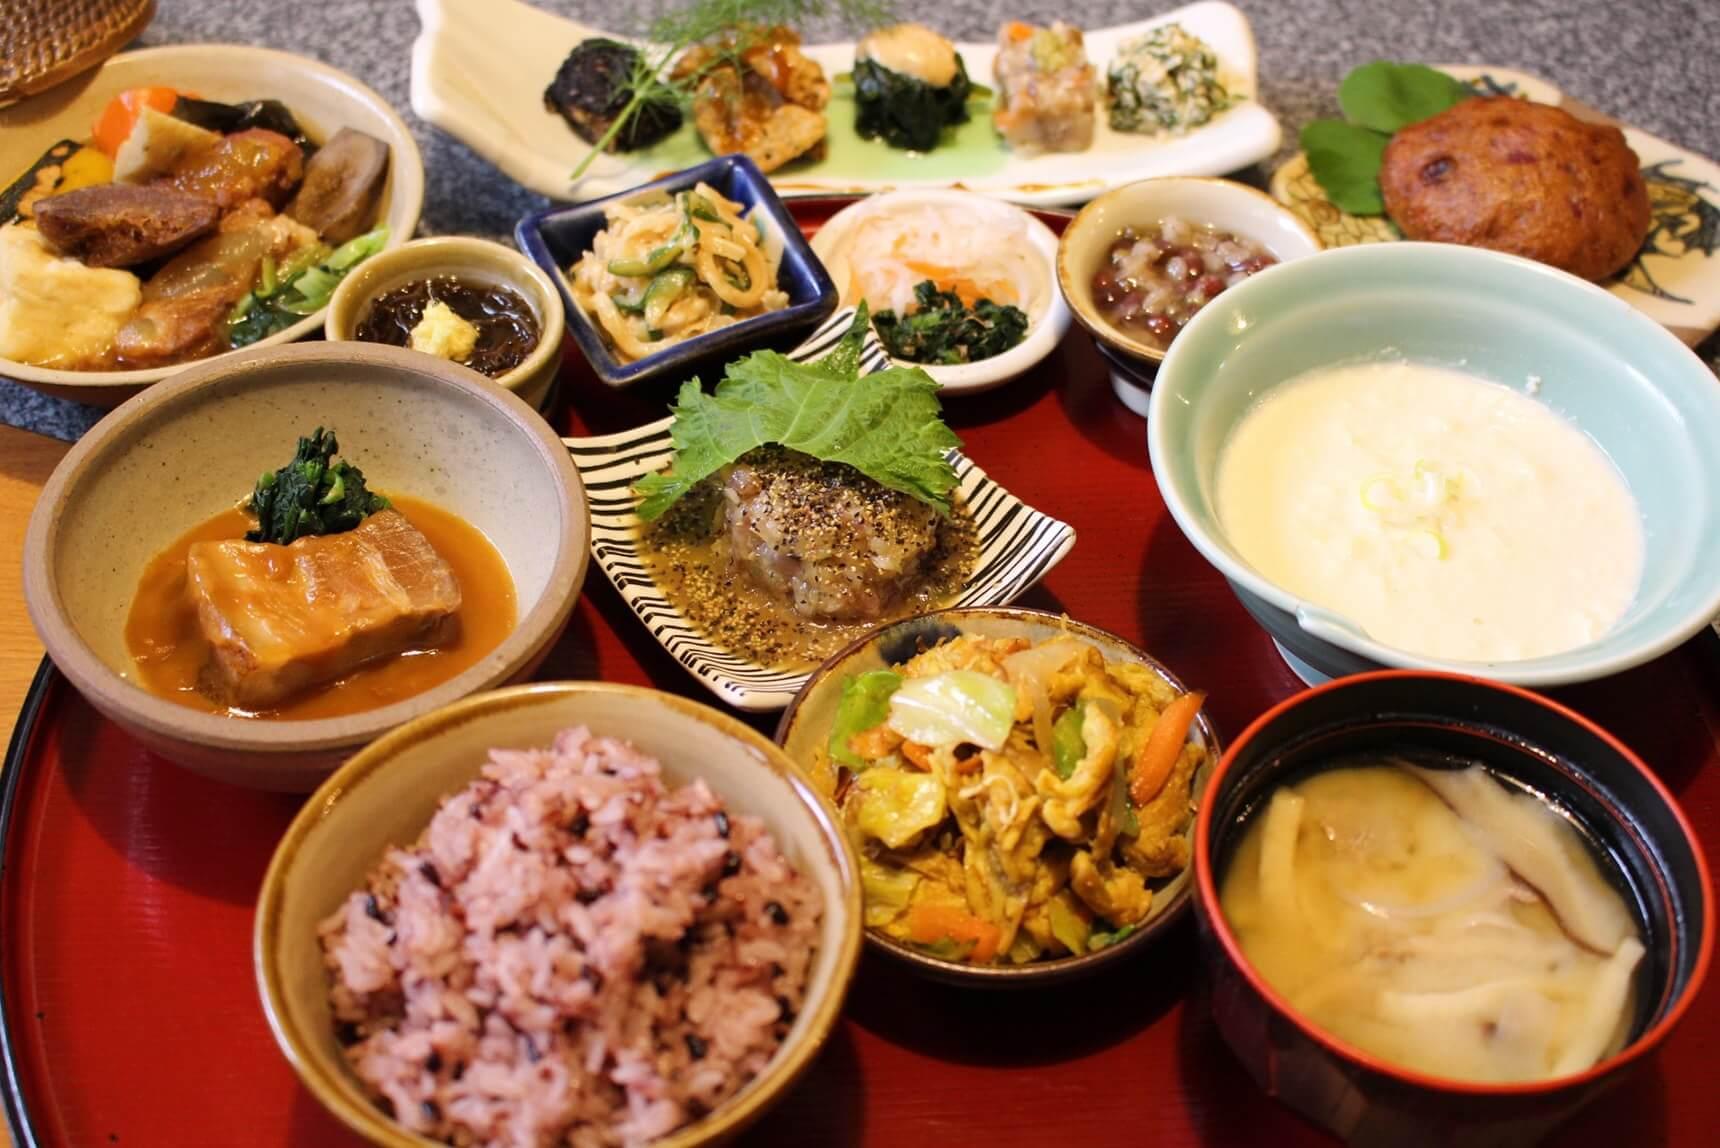 Shurei Dinner